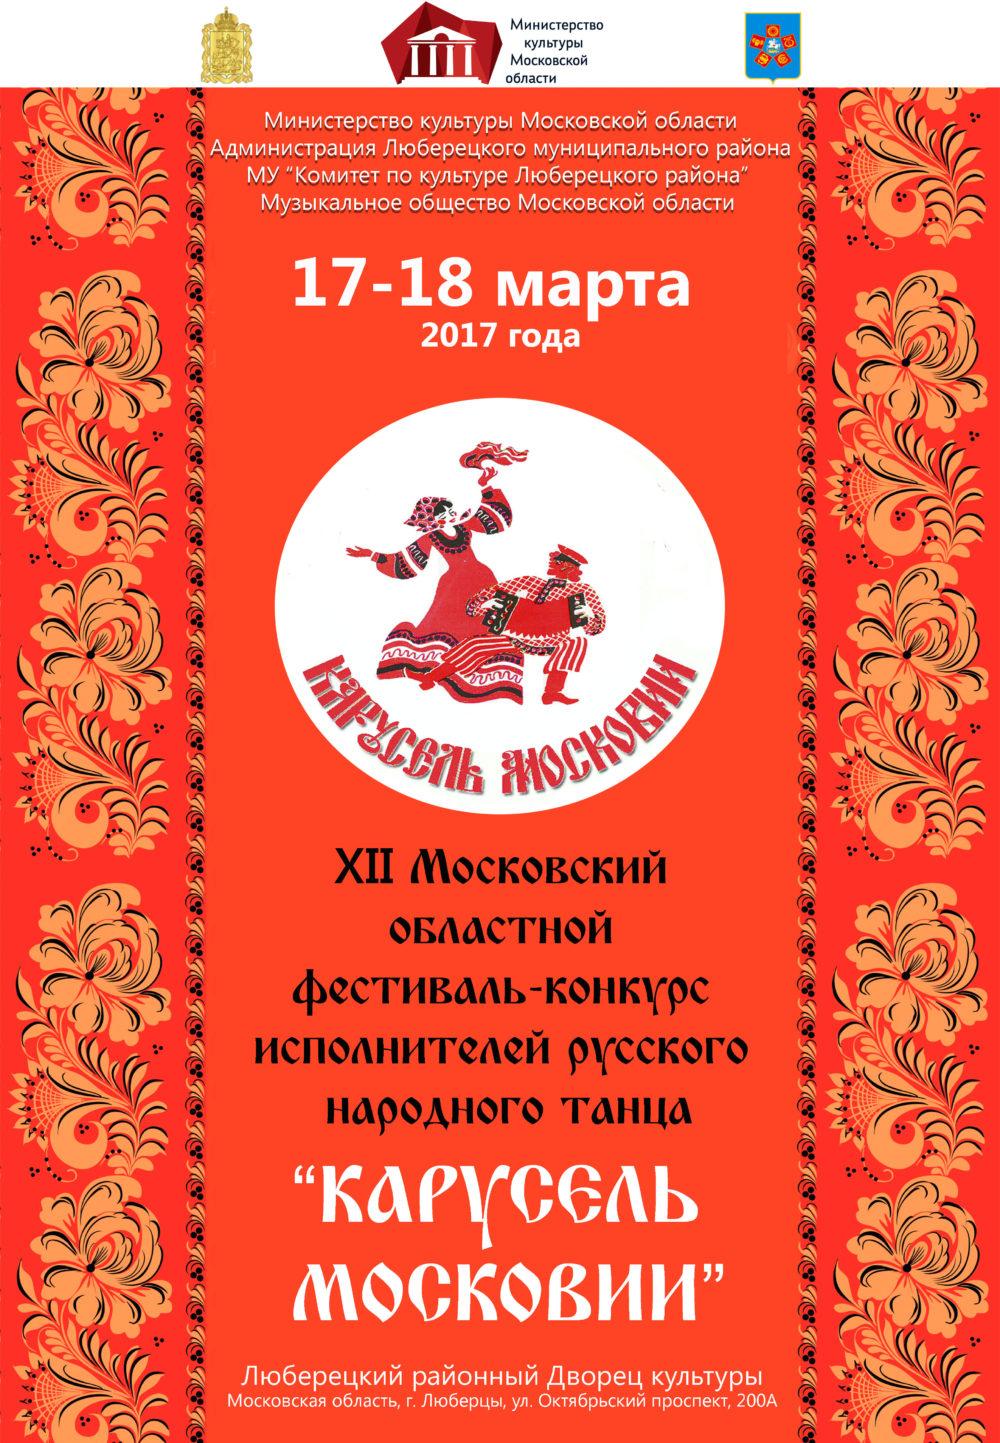 Министерство культуры фестивали и конкурсы